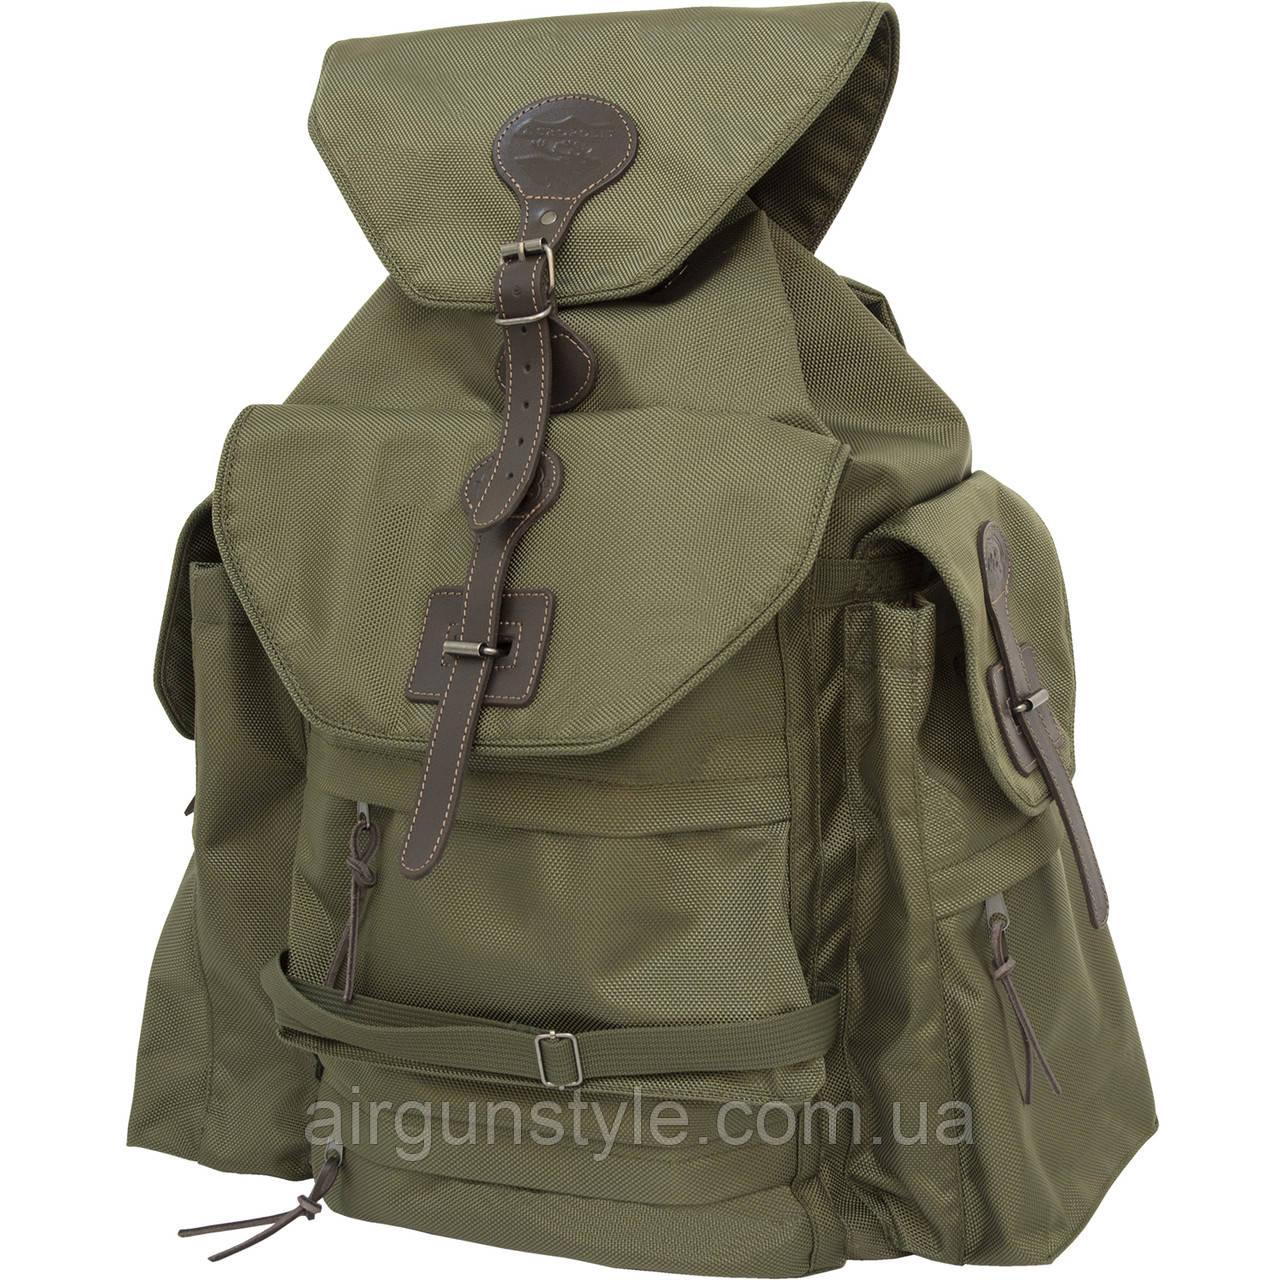 Рюкзак акрополис ро 2 рюкзаки армий нато